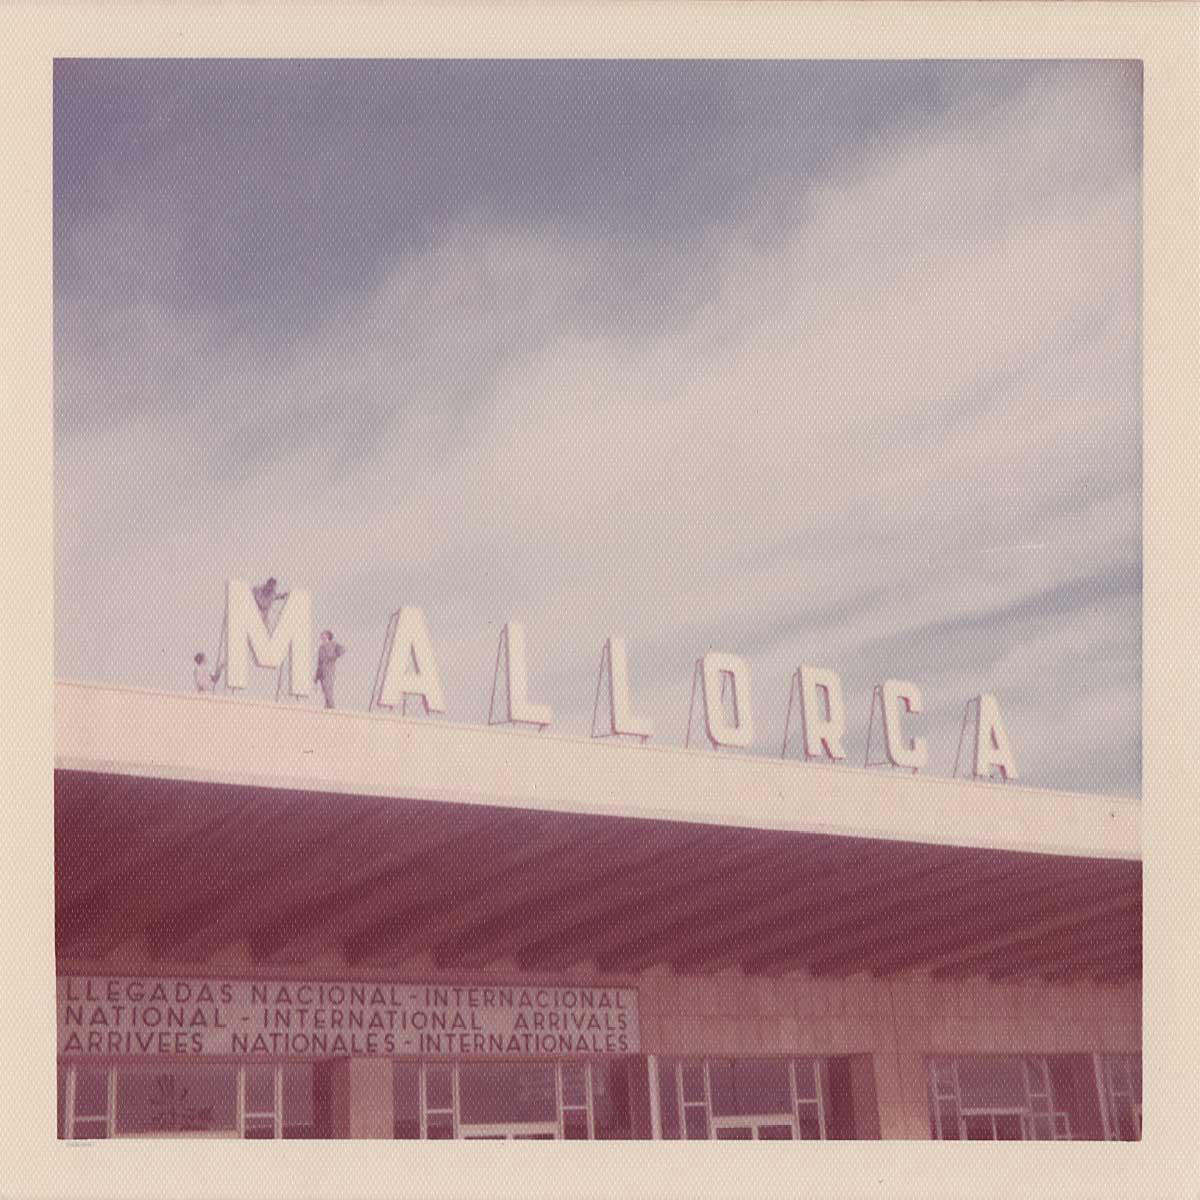 Mallorca Airport 1972 Polaroid